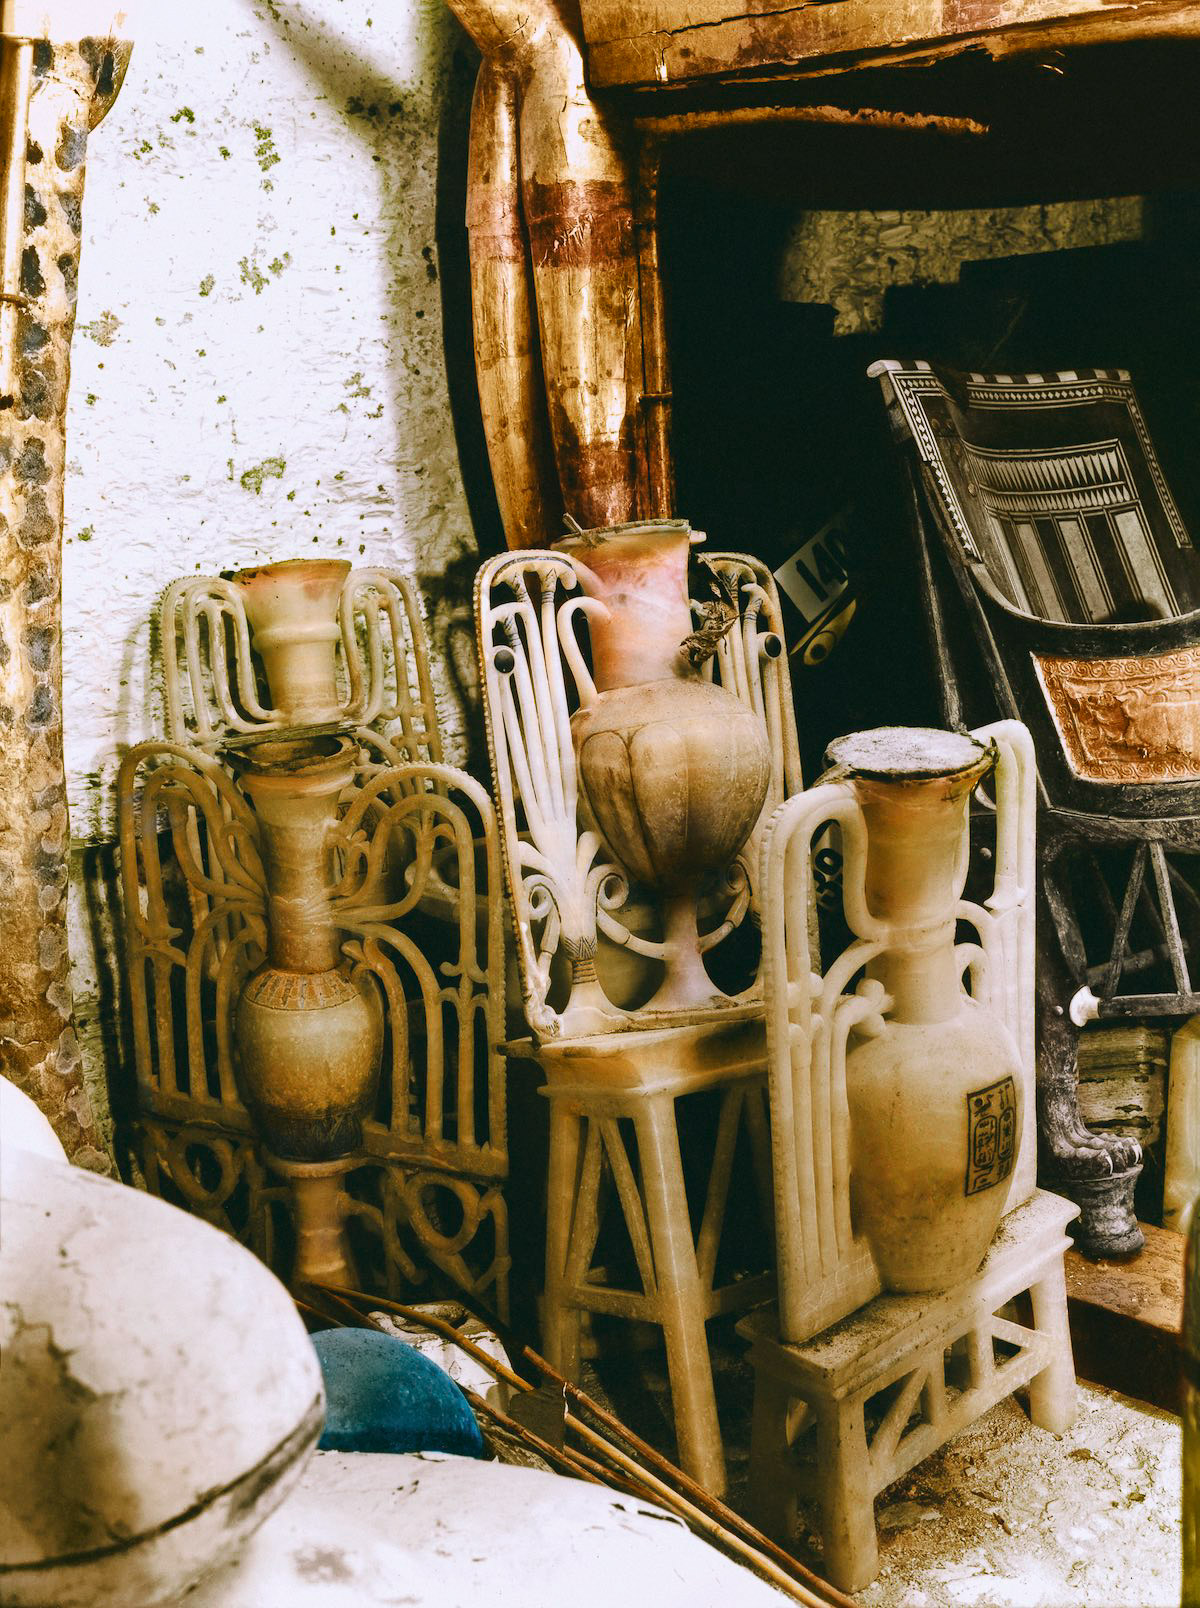 Витиевато резные алебастровые вазы в передней камере.